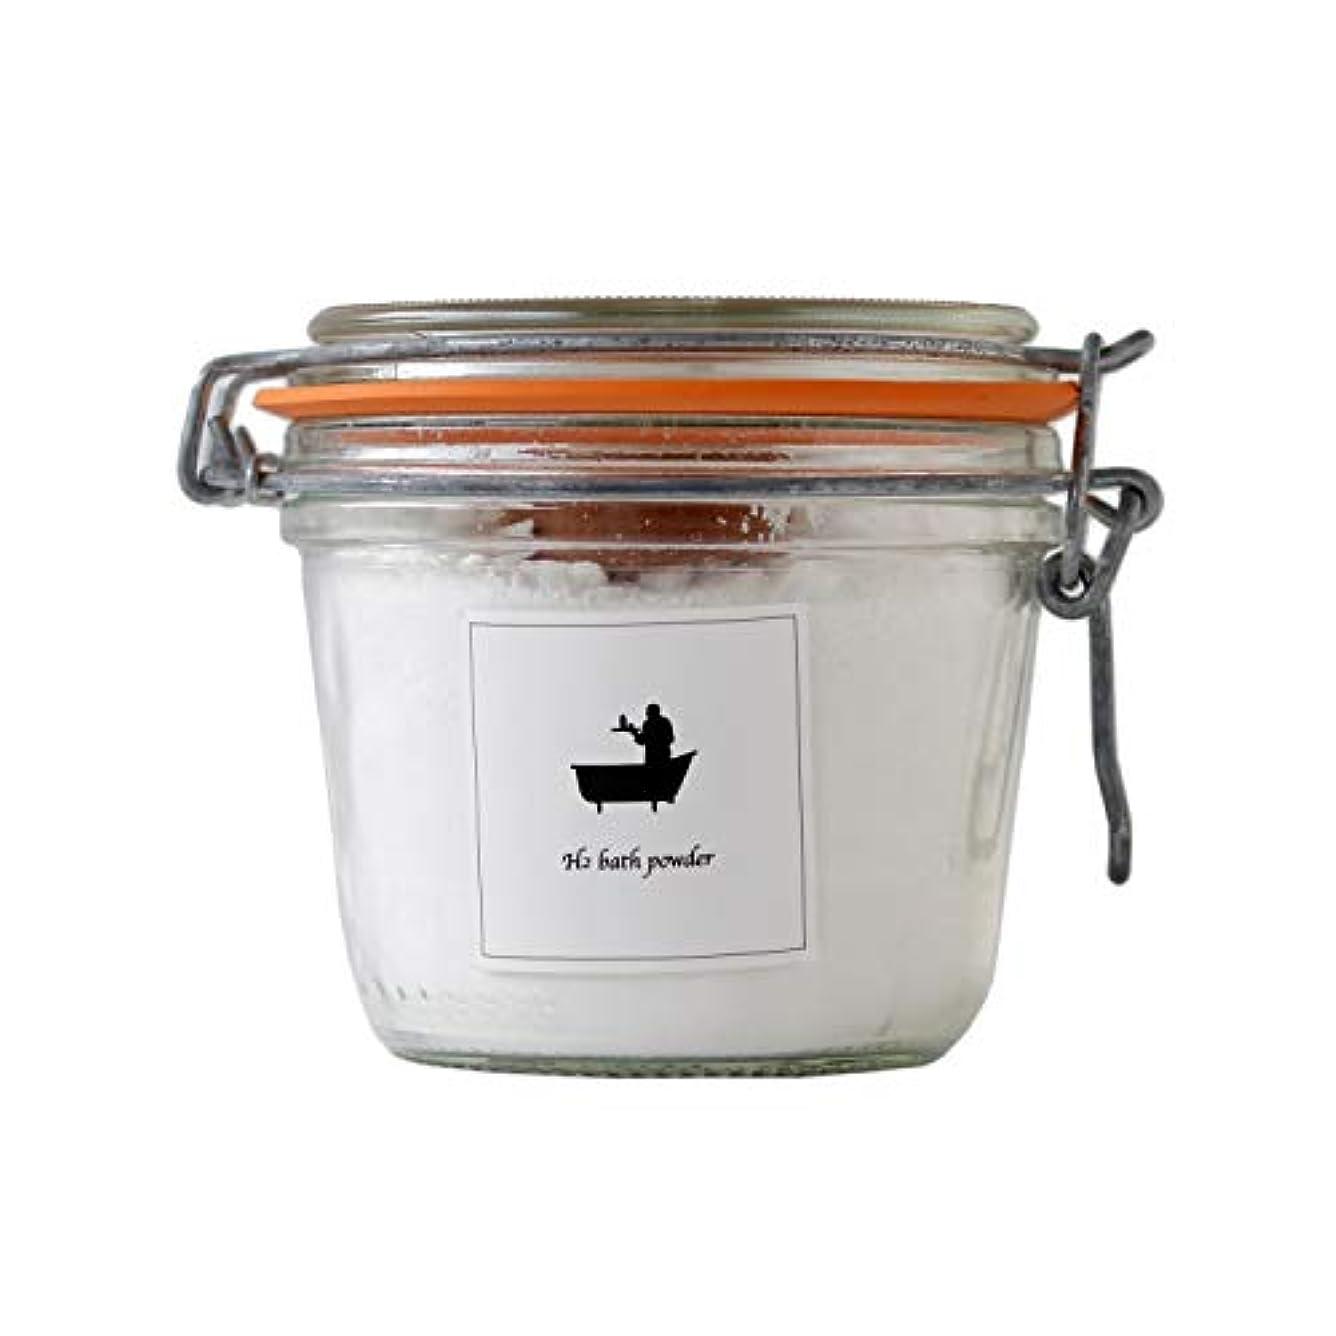 対話リストヒューバートハドソン水素入浴剤「BATHLIER H2 bath powder」RDモイストバスパウダー/ジャータイプ